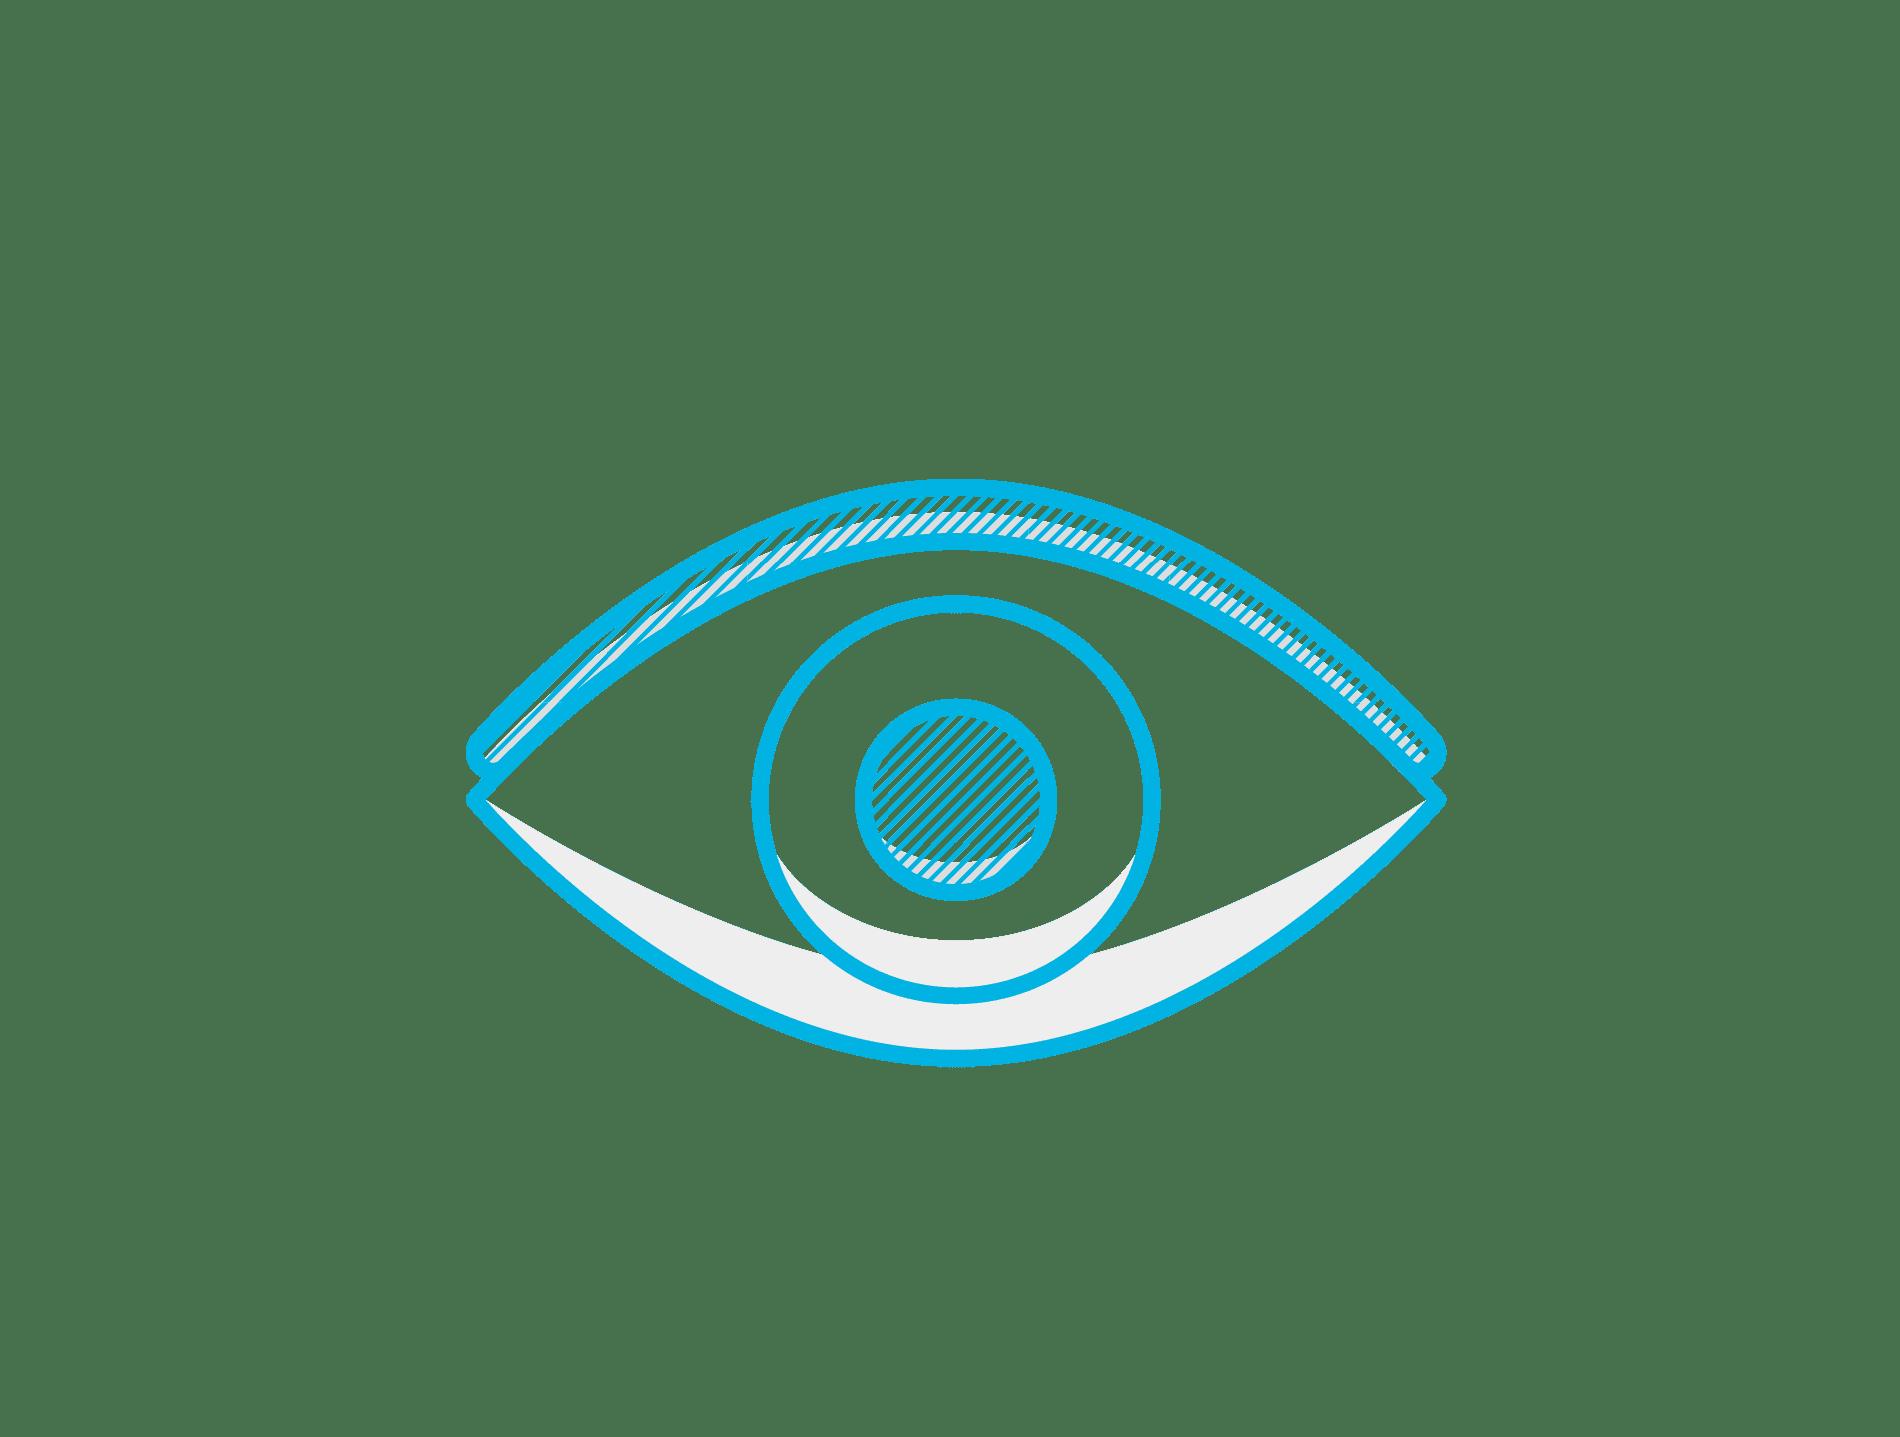 An icon describing brand identity for digital marketing campaign design